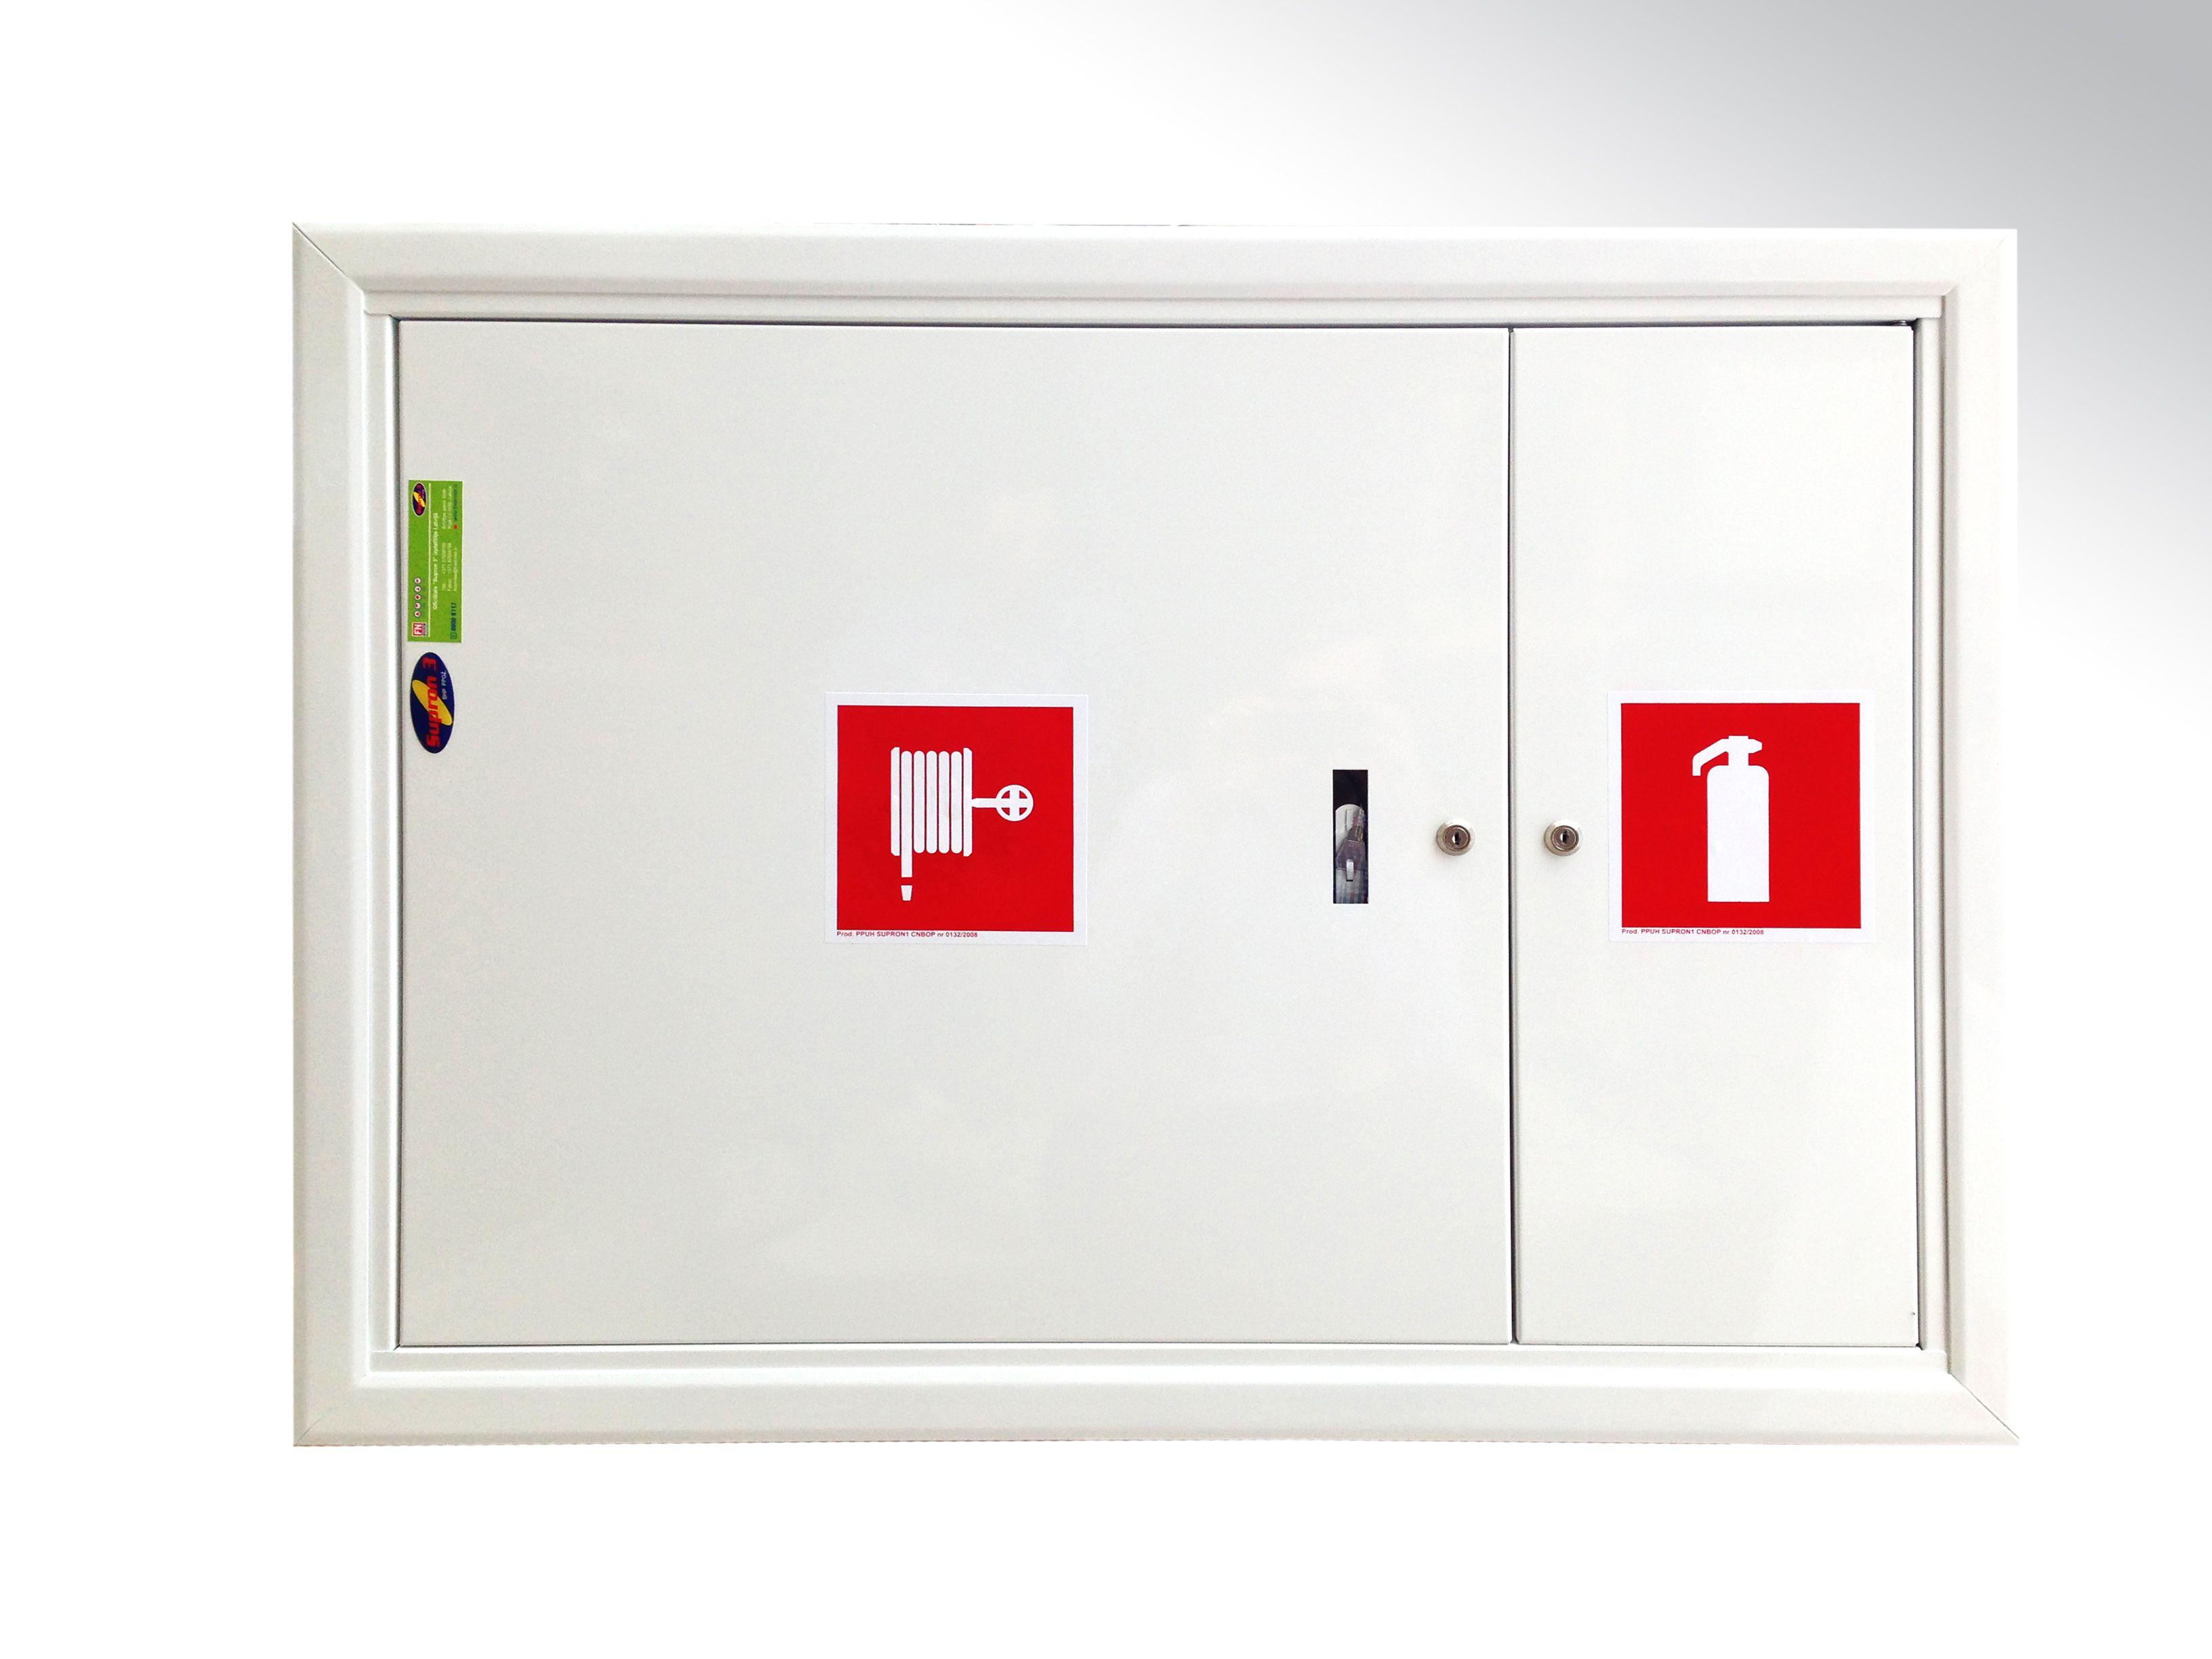 Balta ugunsdzēsības krānu kaste ugunsdrošības inventāram 1